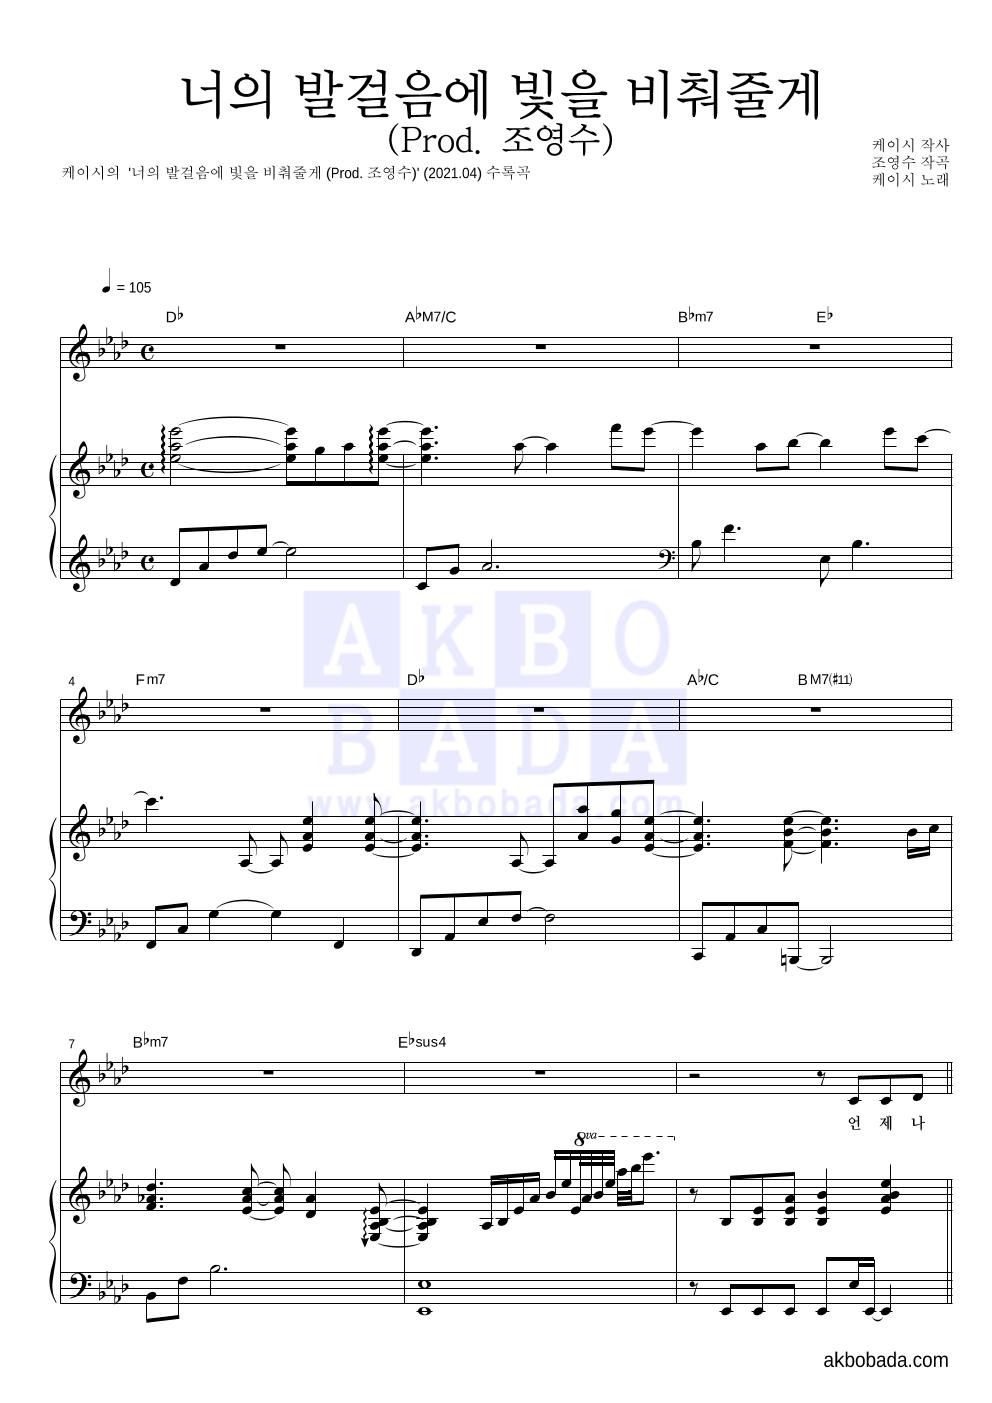 케이시 - 너의 발걸음에 빛을 비춰줄게 (Prod. 조영수) 피아노 3단 악보